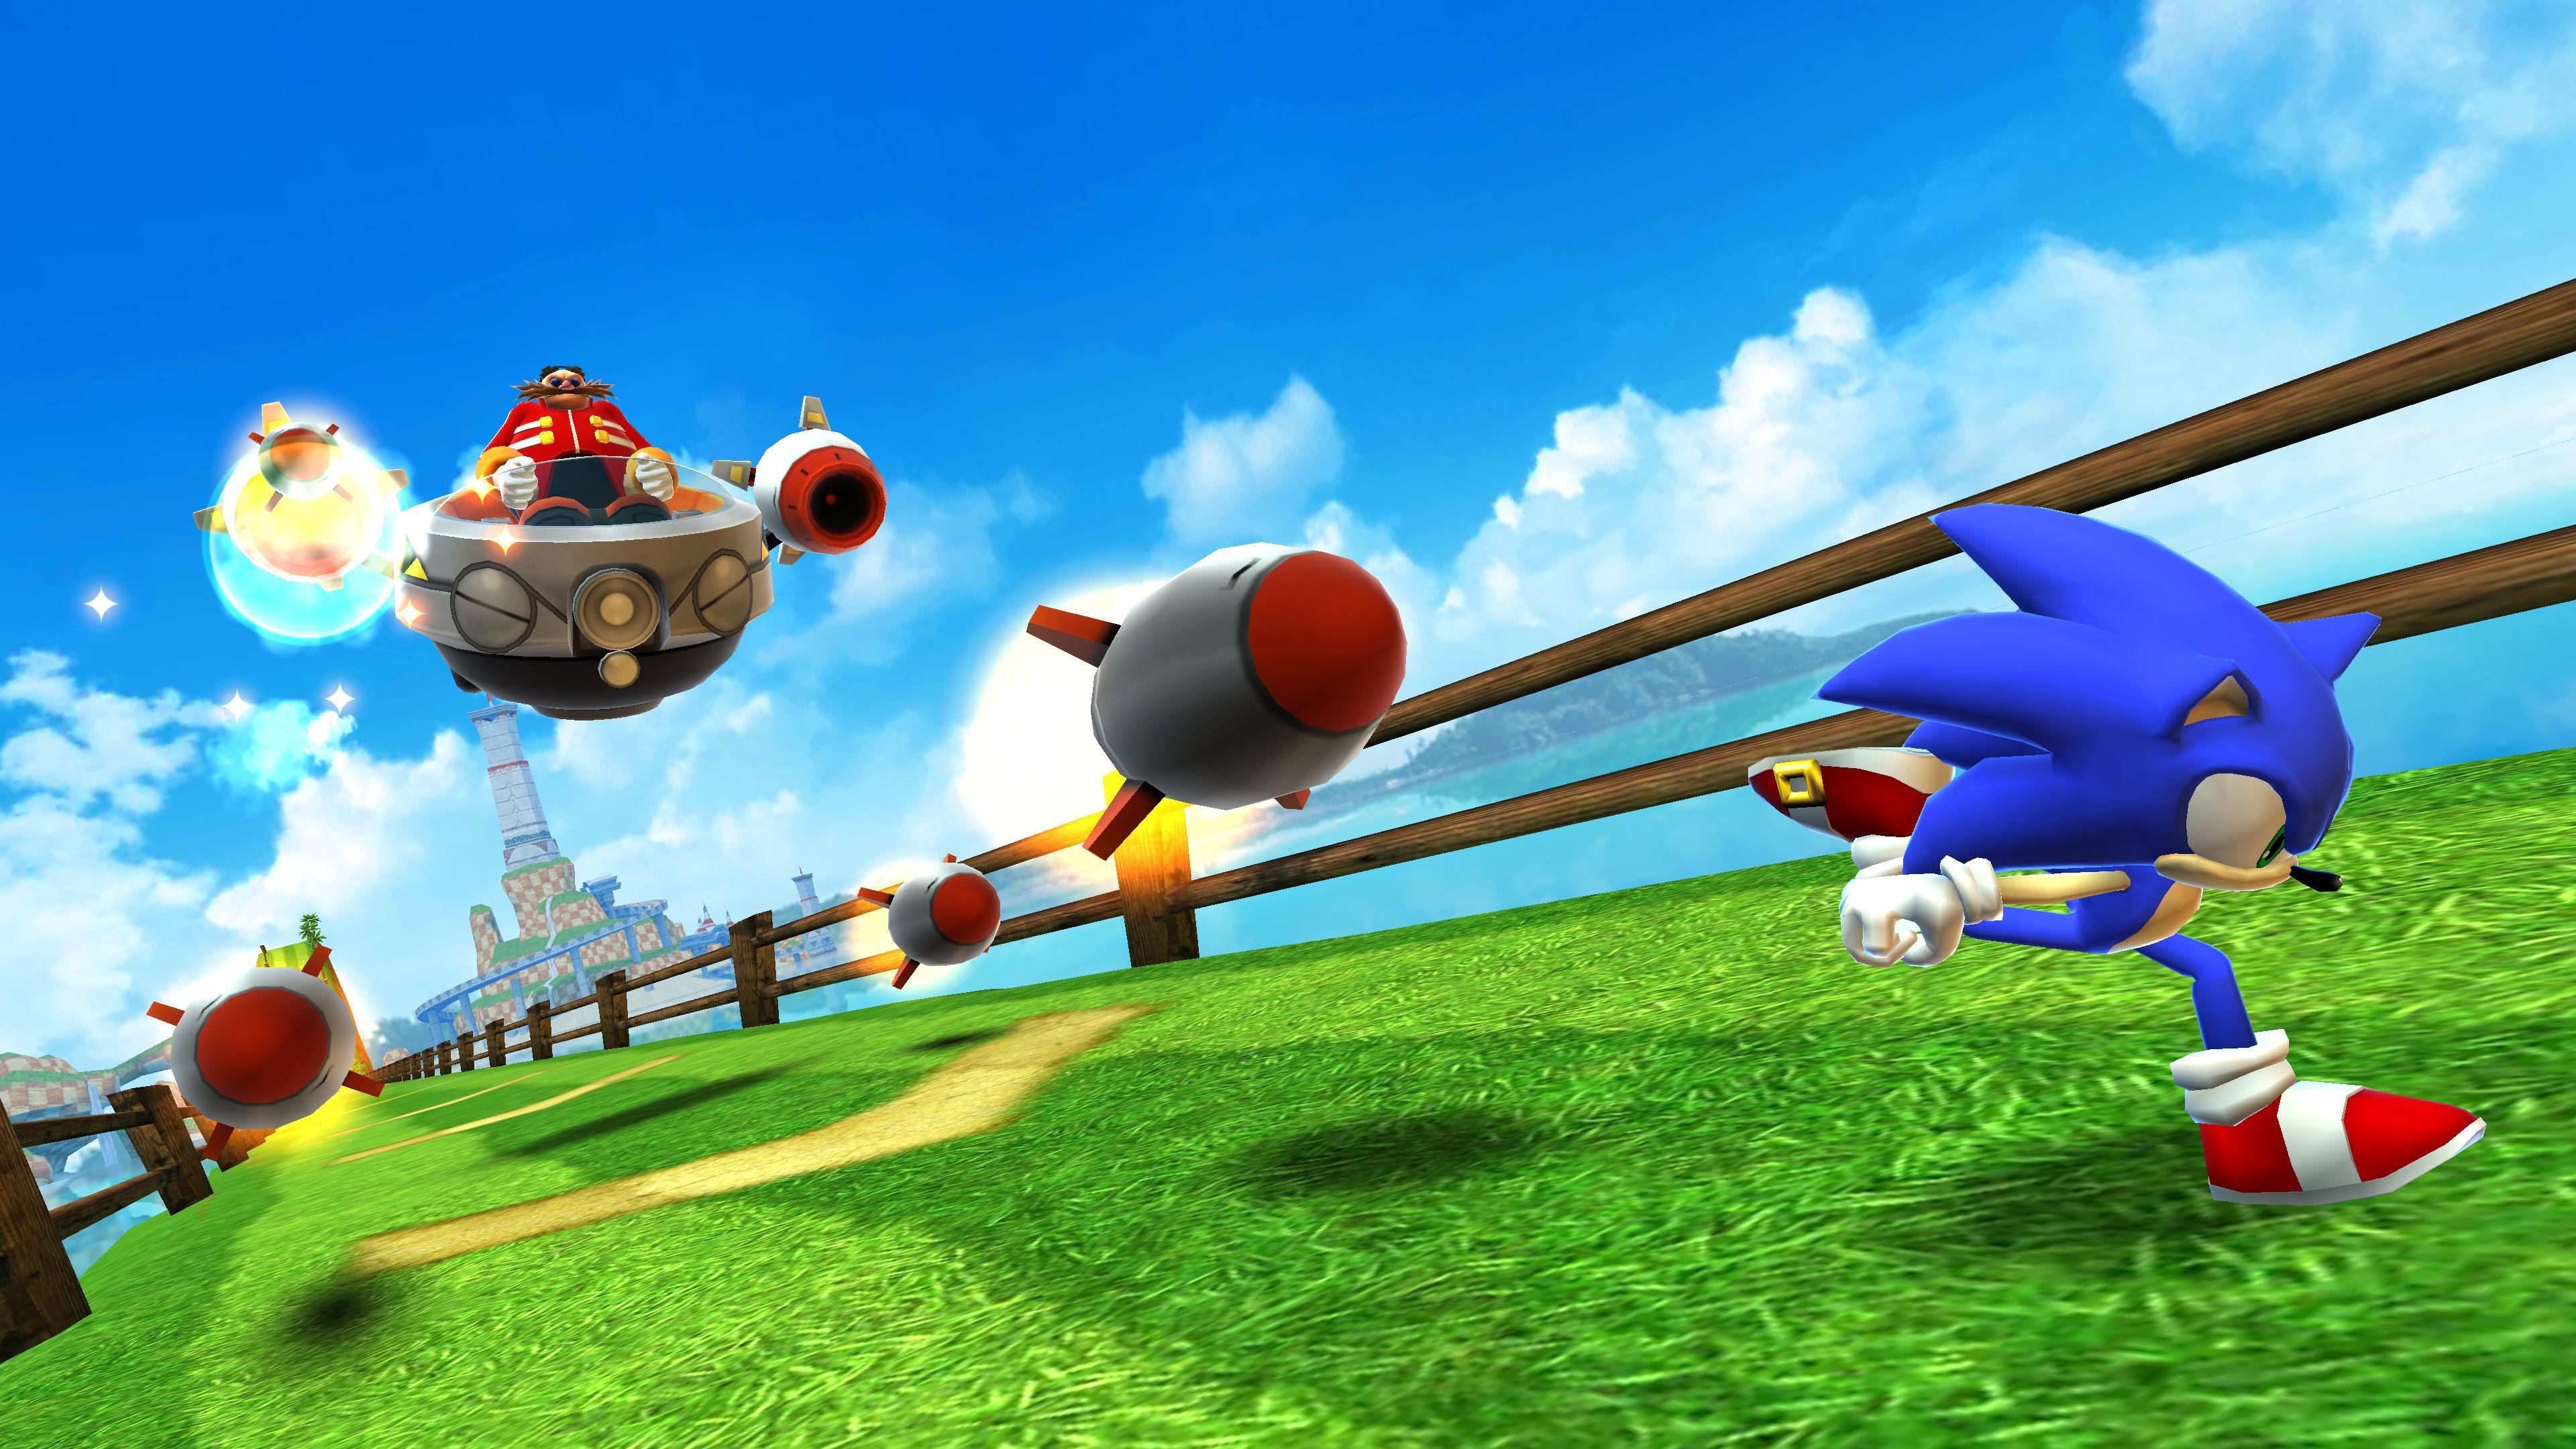 Sonic Dash - Endless Running & Racing Game 4.14.0 Screenshot 7